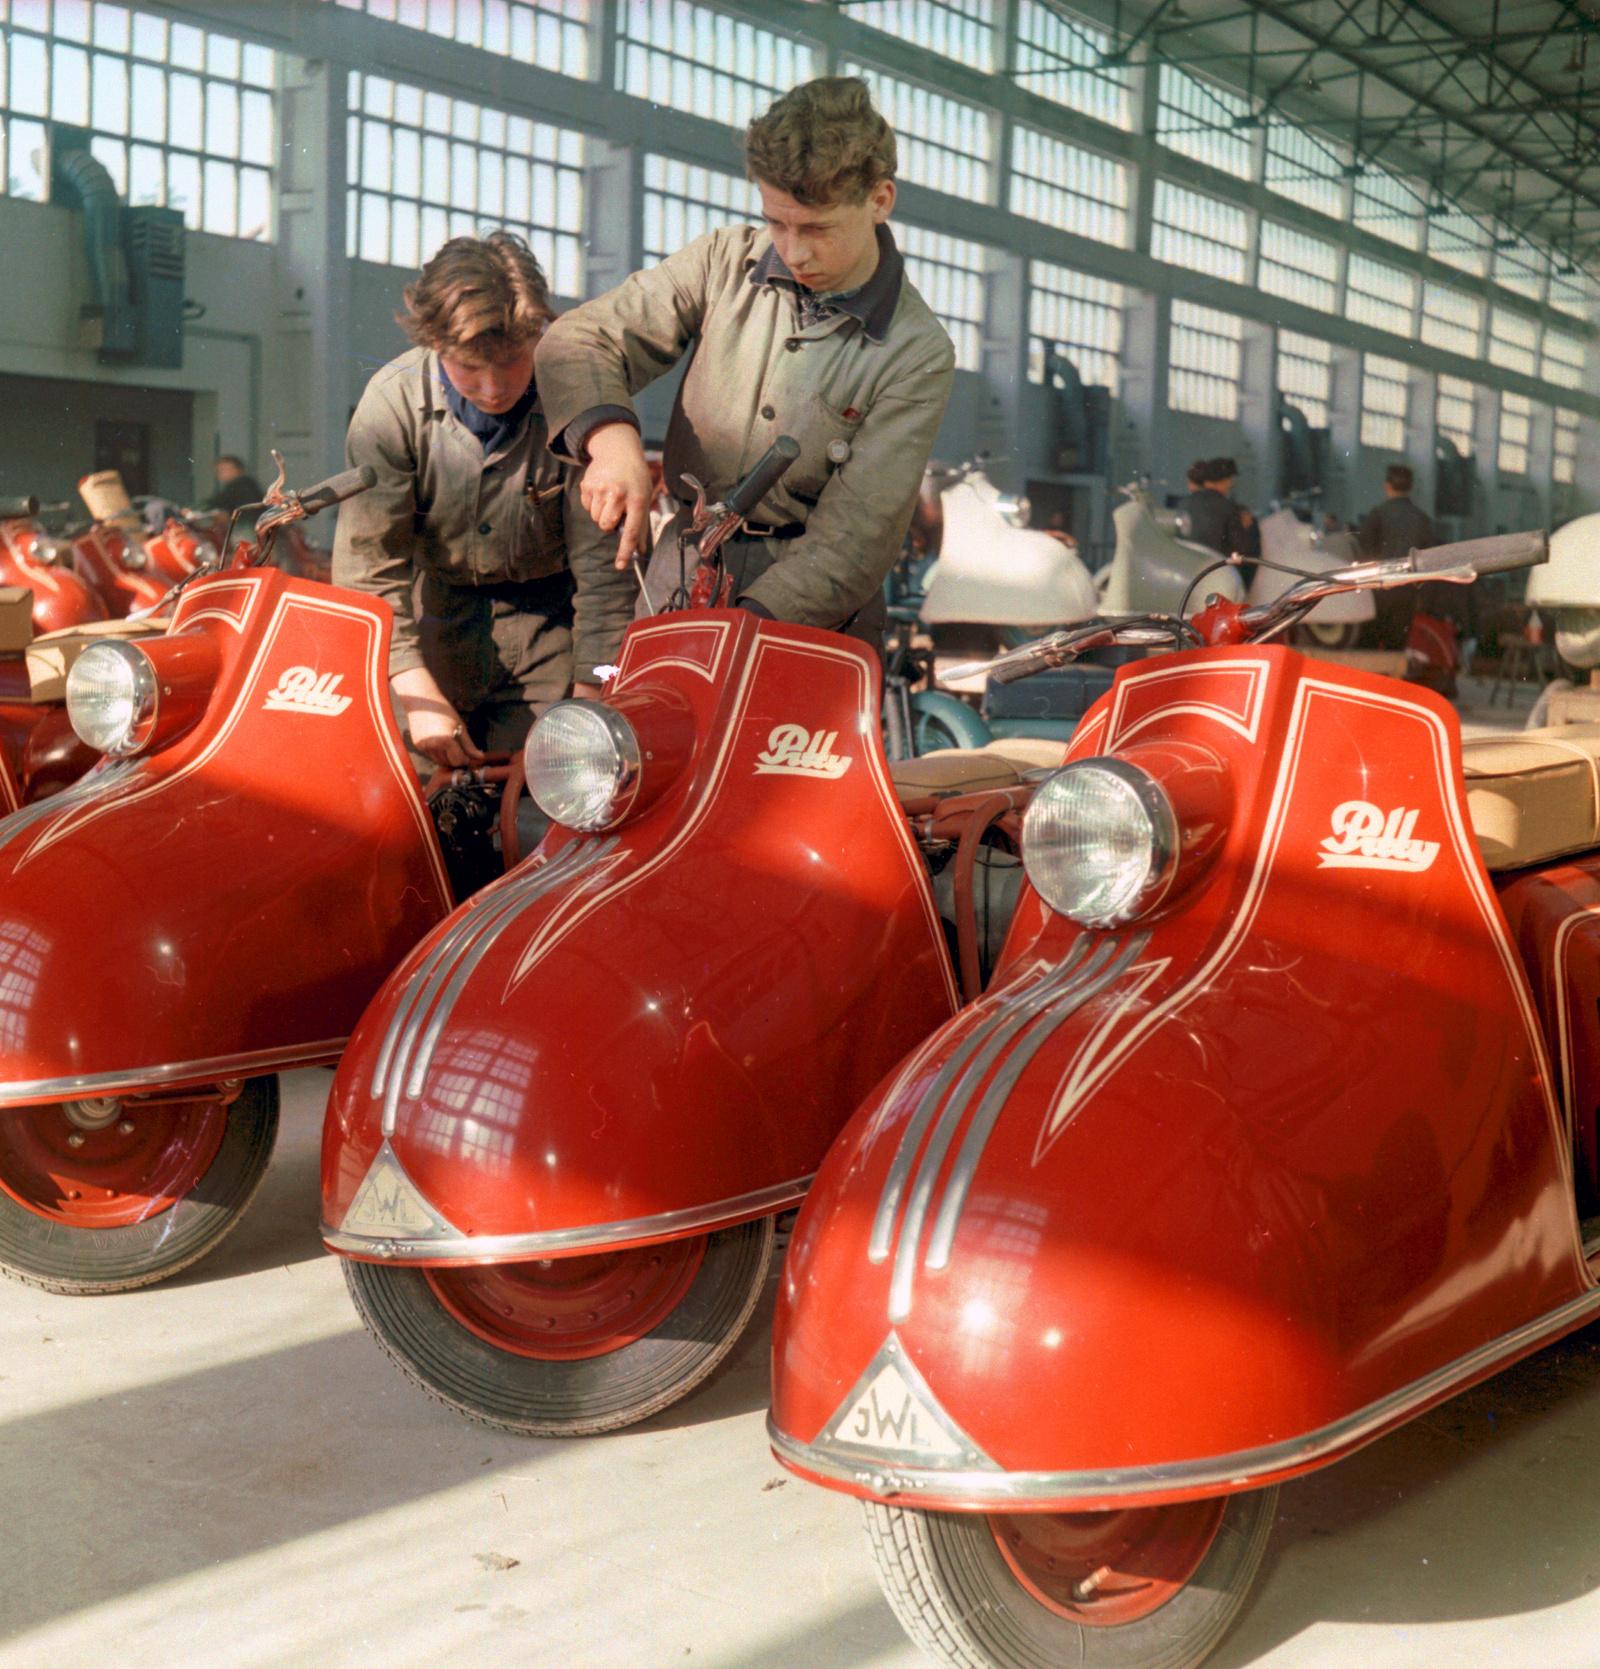 1955 Мотороллер IWL Pitty. ГДР. Wolfgang Schroeter